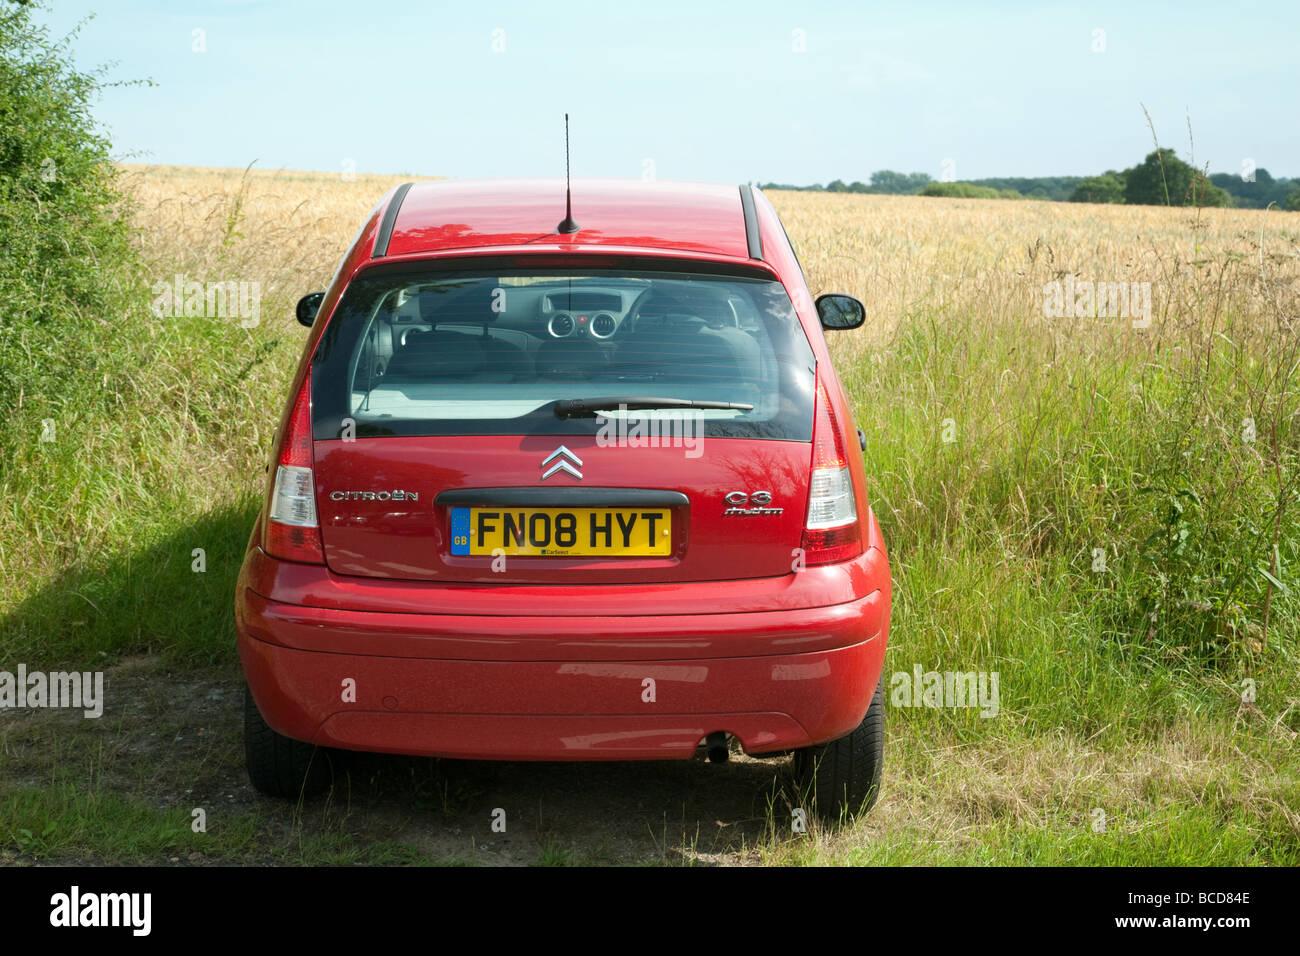 Ein rotes Auto geparkt am Rande eines Maisfeldes, Essex, England Stockbild